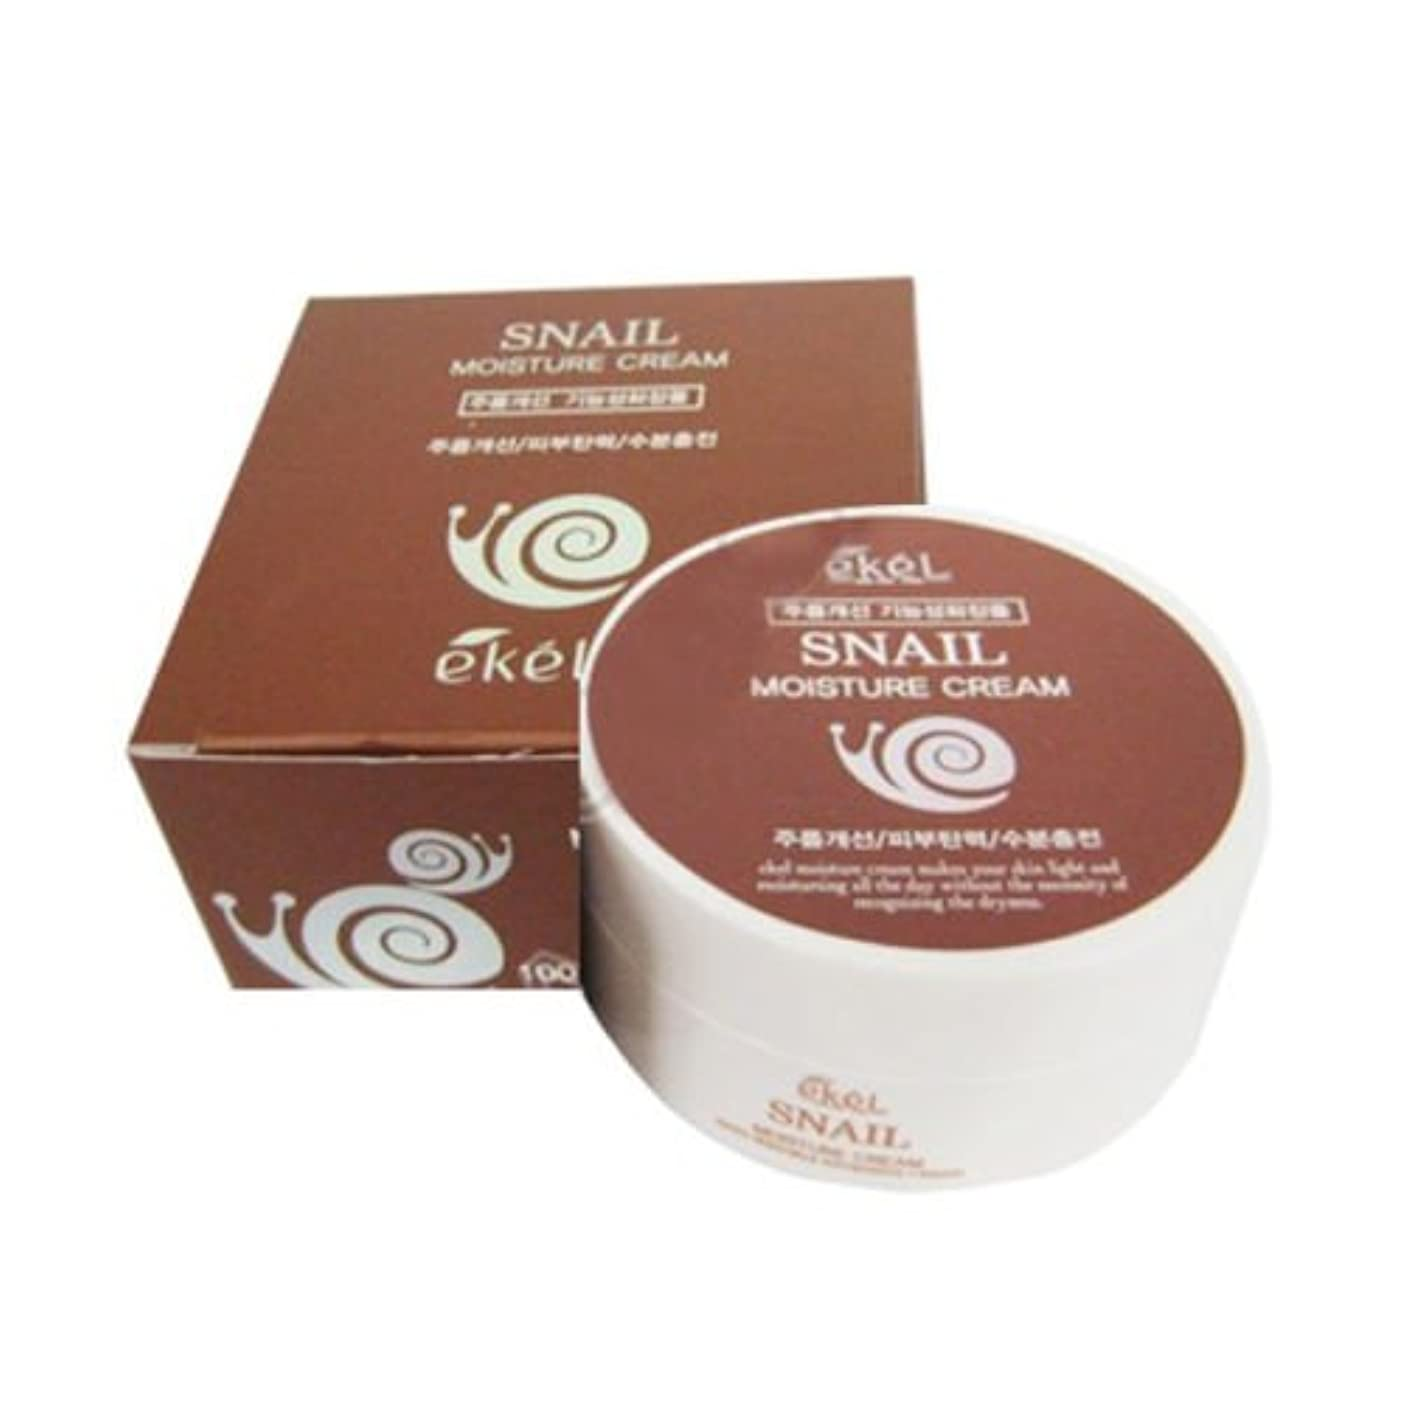 二ブラウス会計士イケル[韓国コスメEkel]Snail Moisture Cream カタツムリモイスチャークリーム100g [並行輸入品]